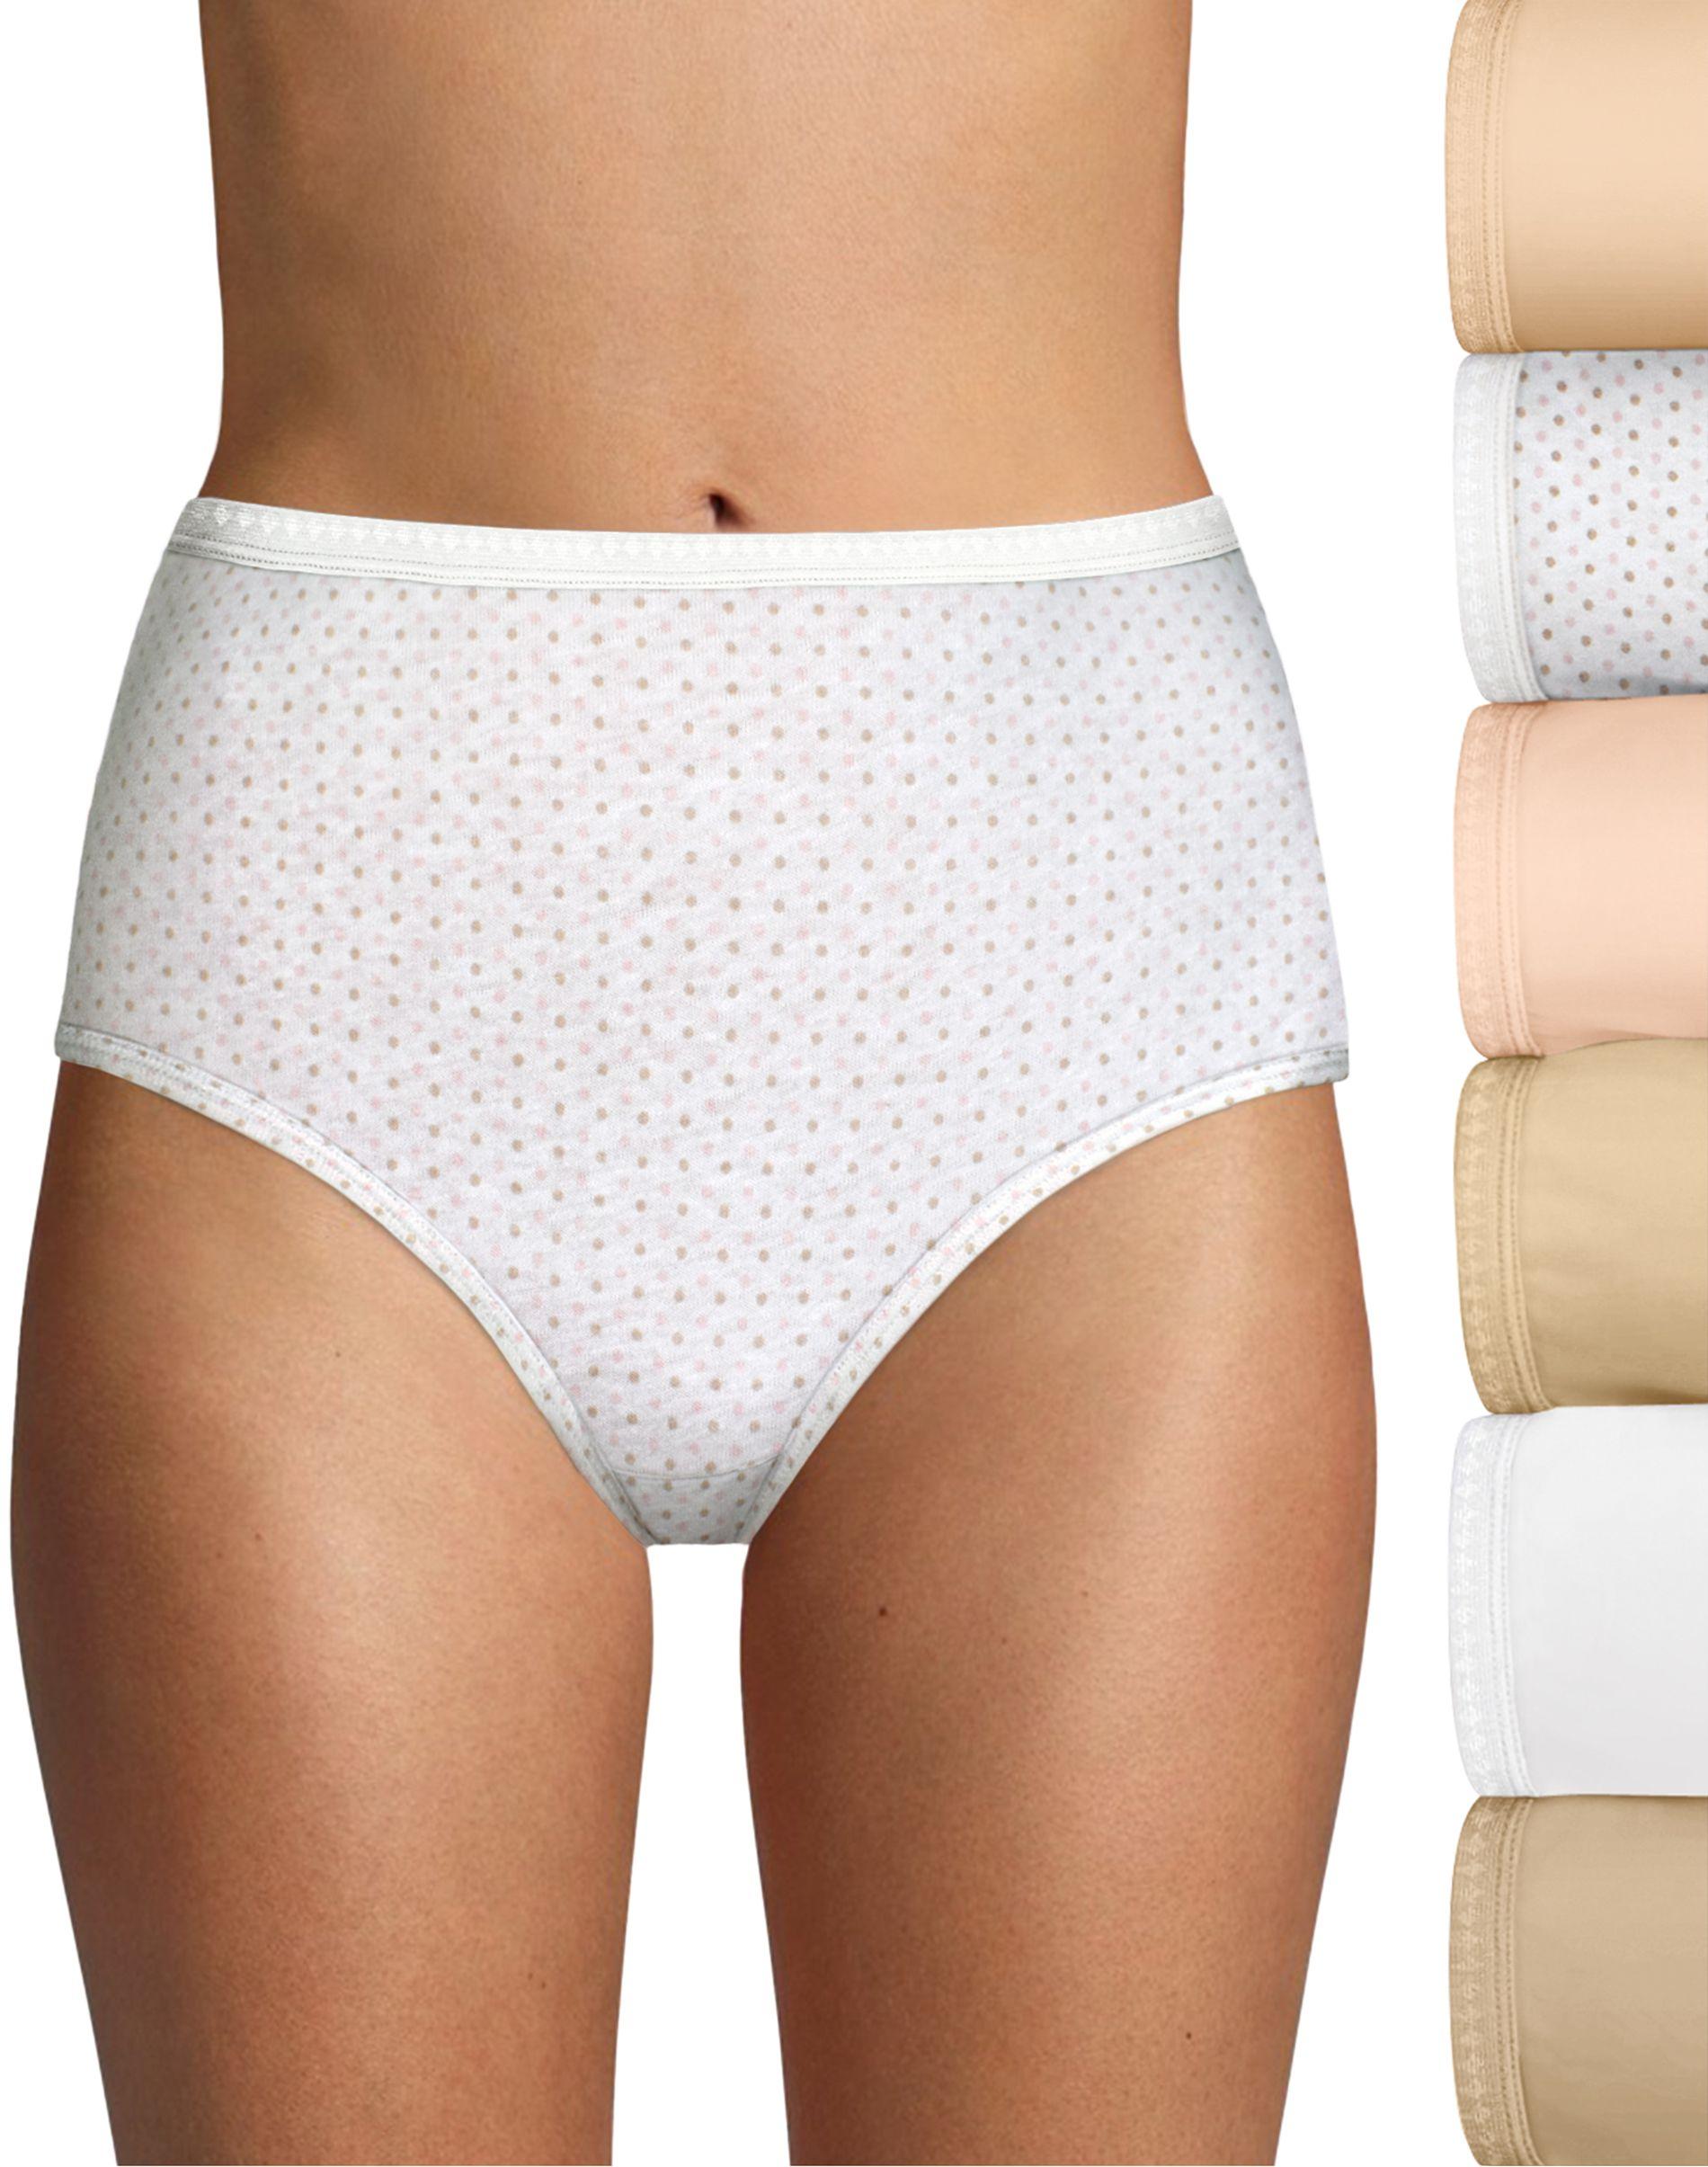 40h6cc - hanes ultimate cotton p6 brief women Hanes